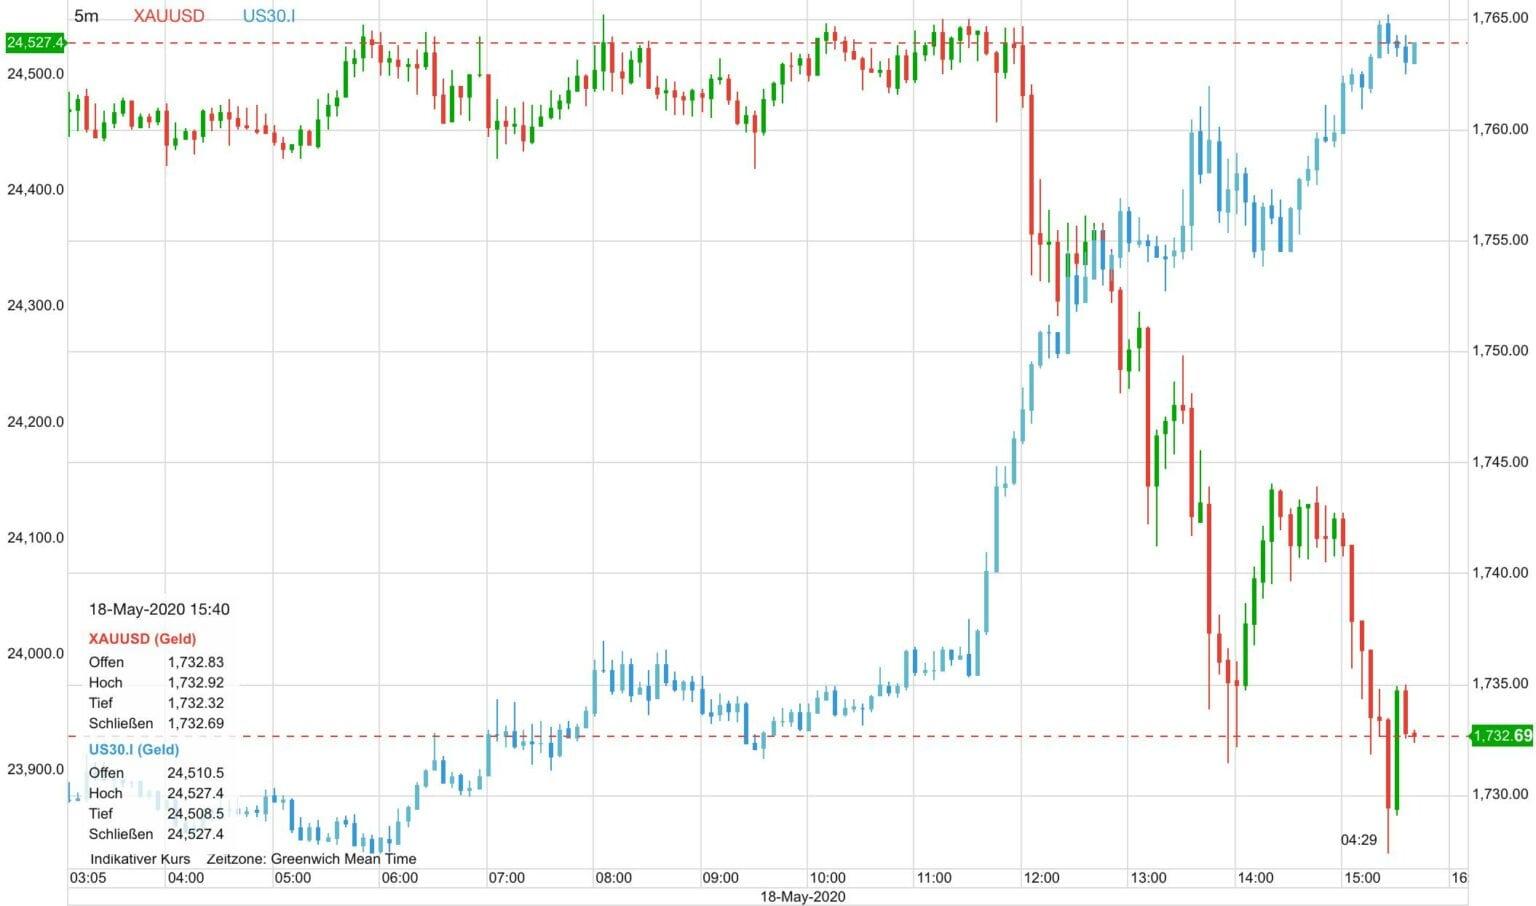 goldpreis aktuell in türkische lira